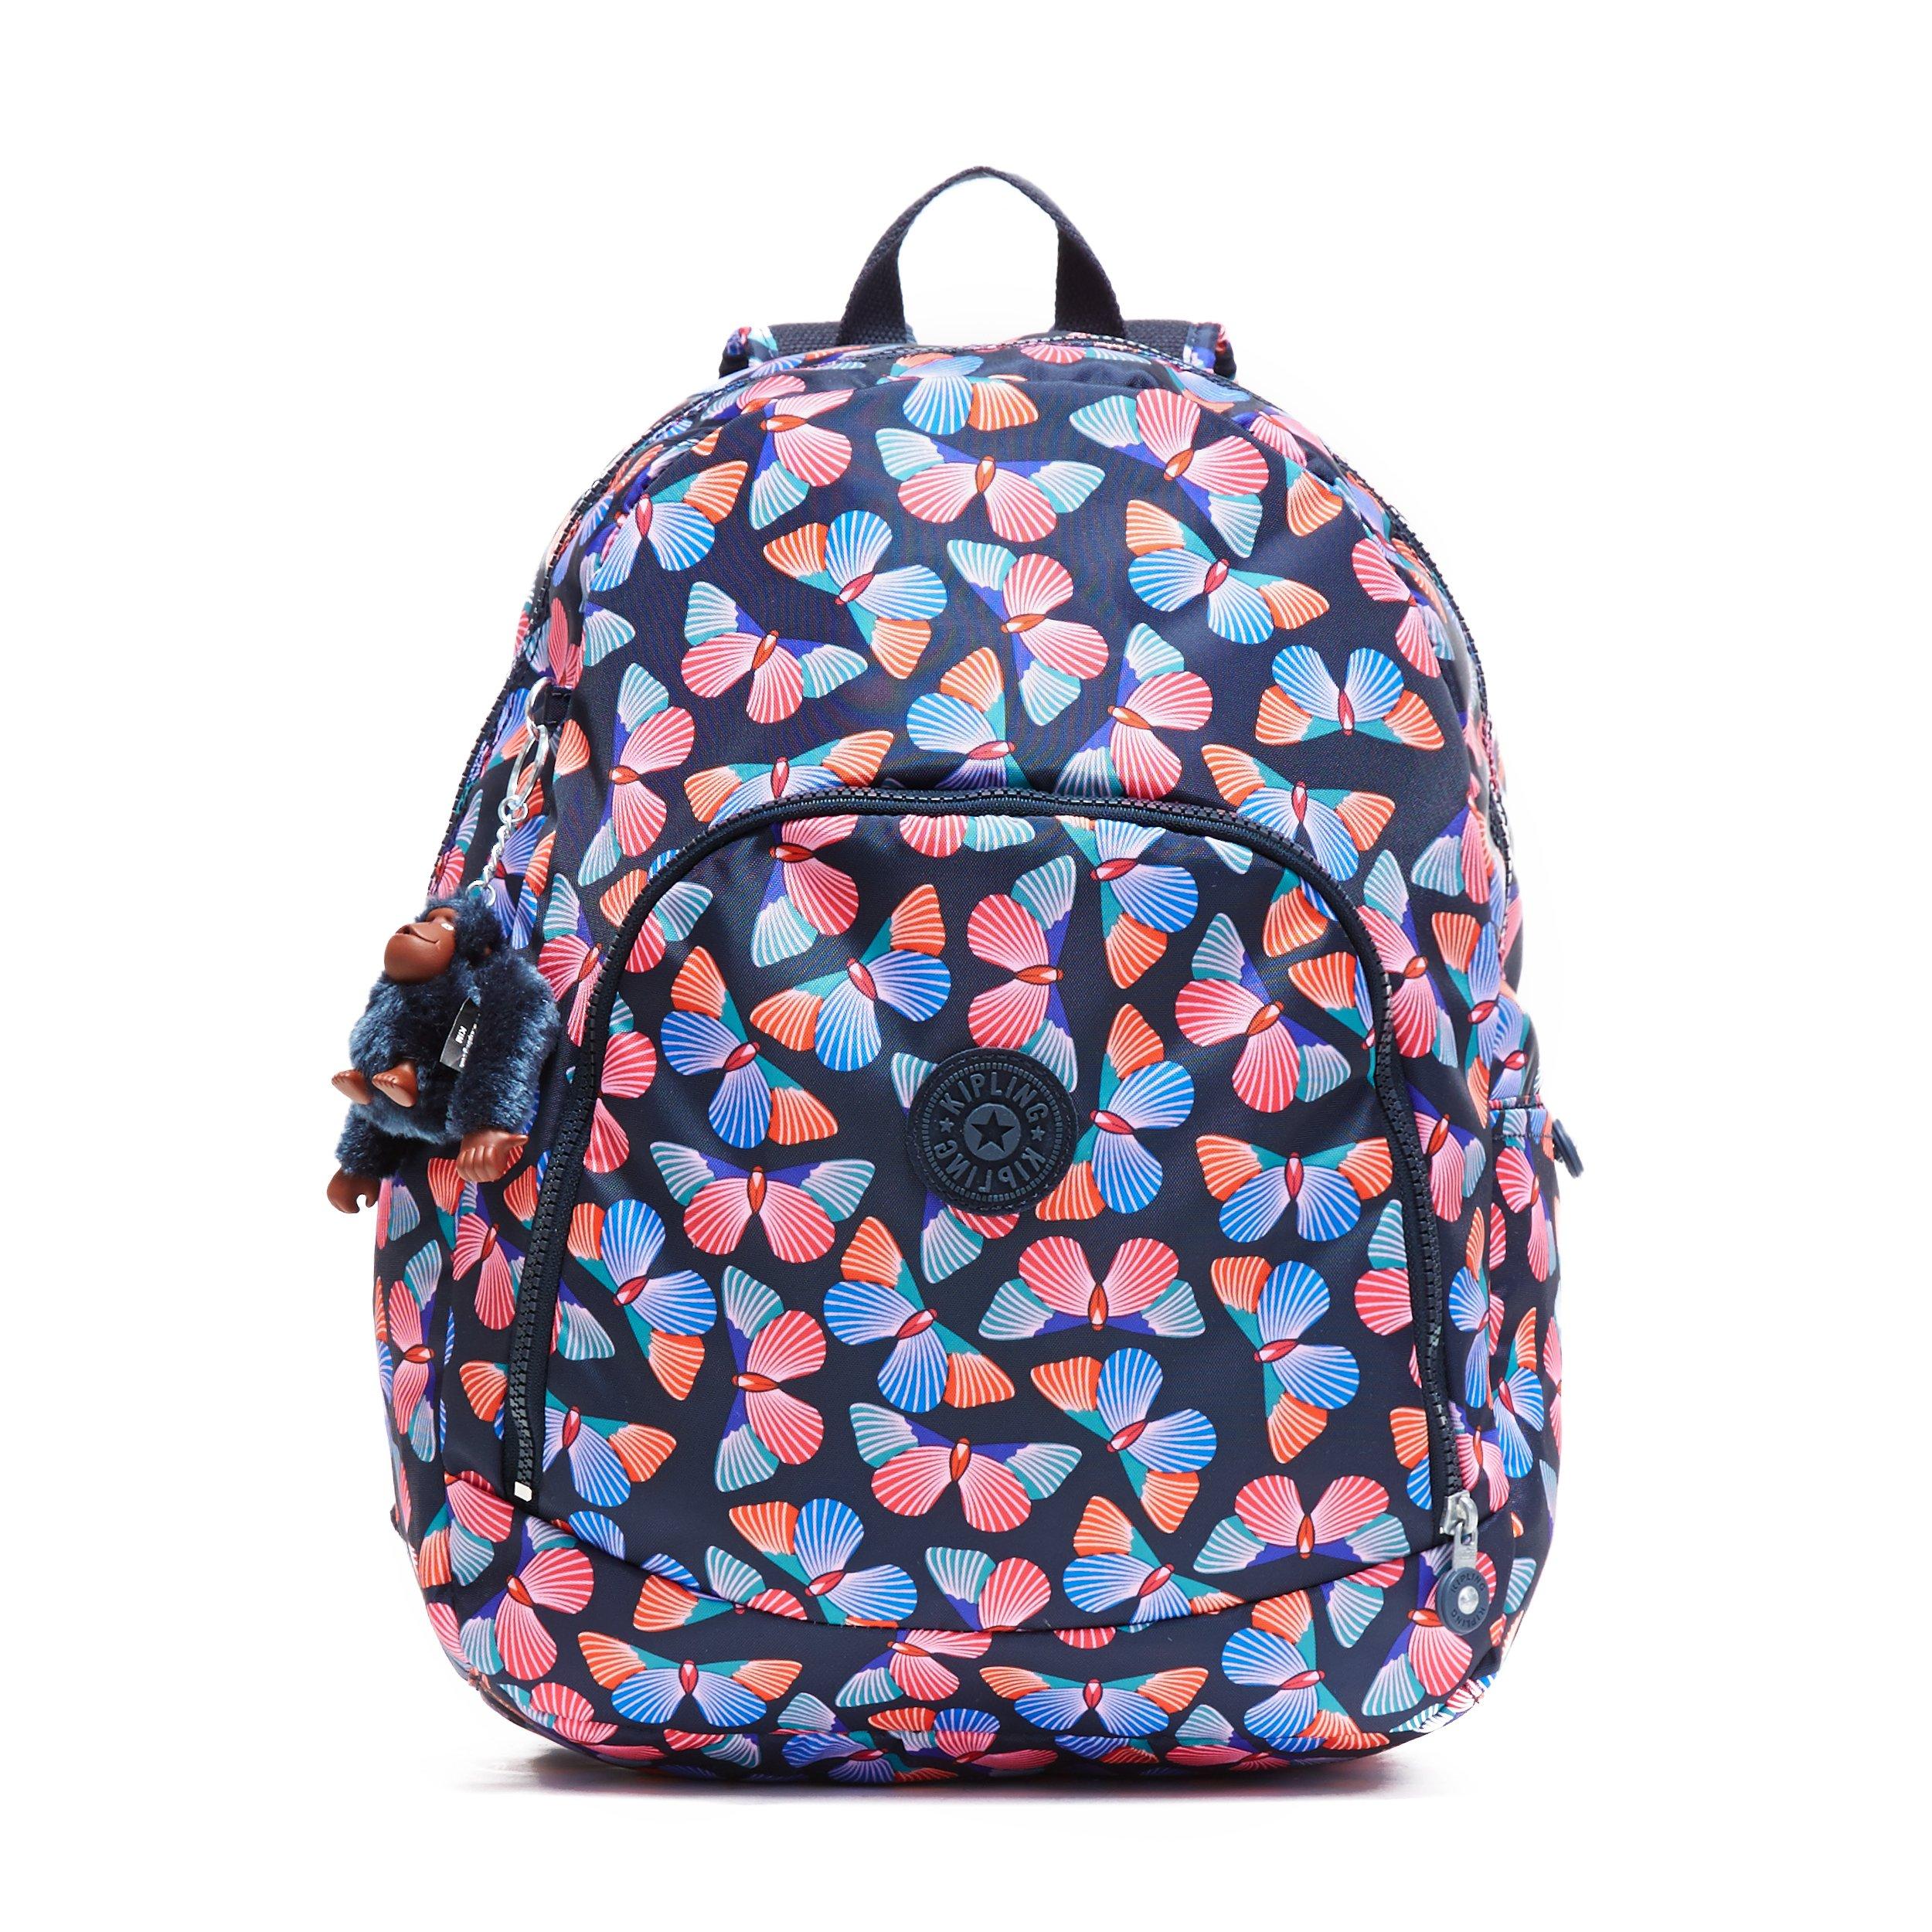 Kipling Carmine A bag, Flutterflies, One Size by Kipling